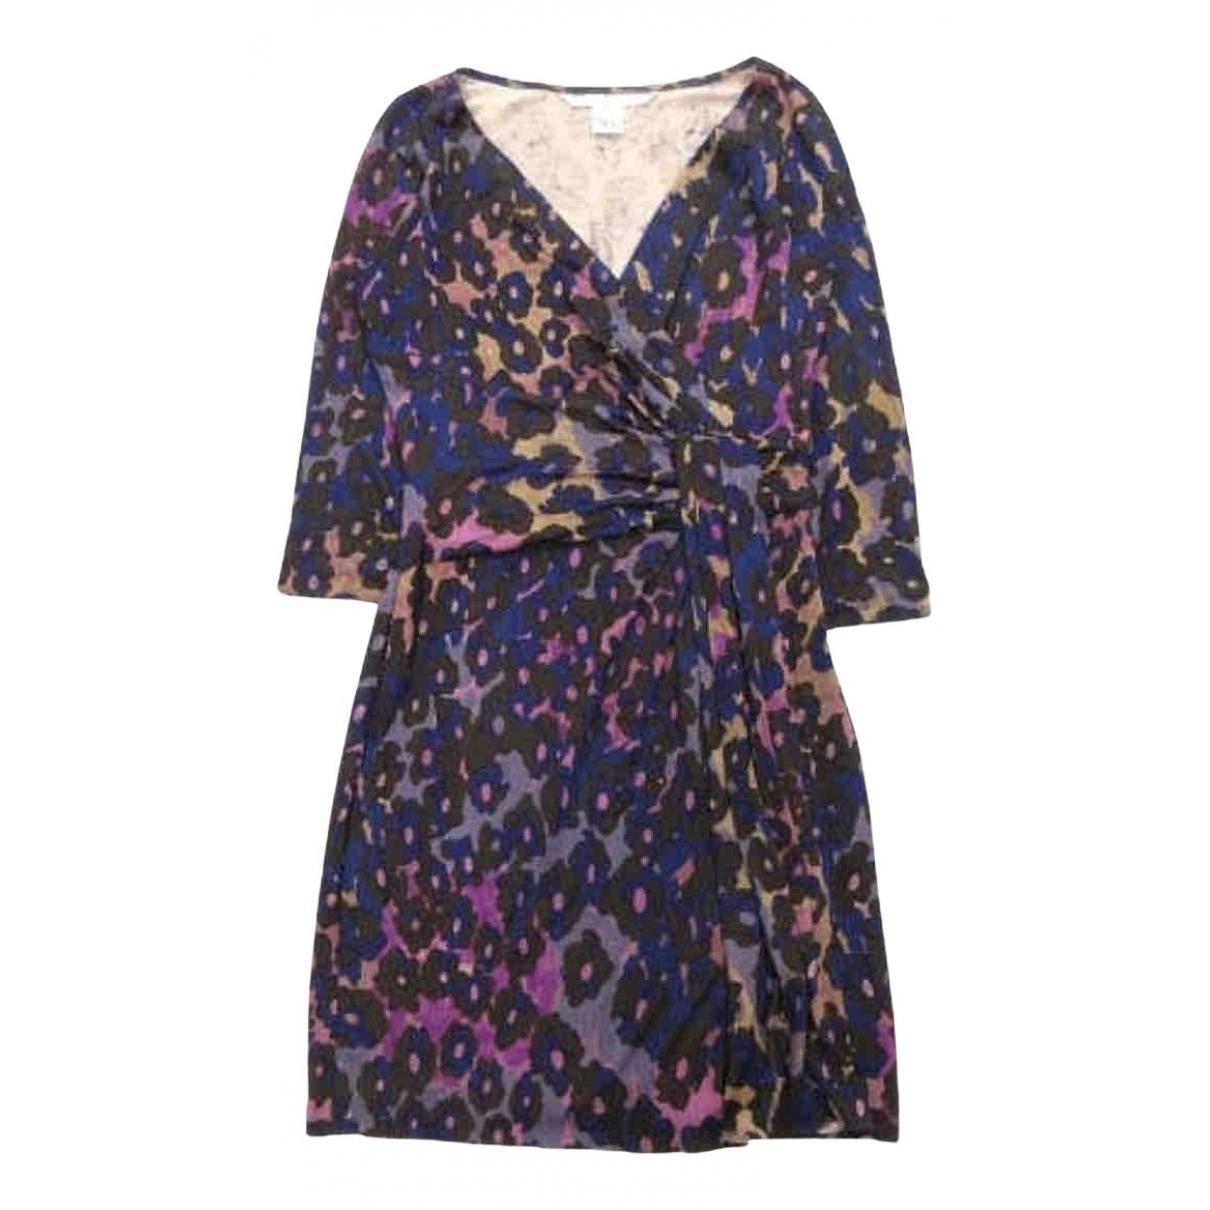 Diane Von Furstenberg N Multicolour Silk dress for Women 4 US